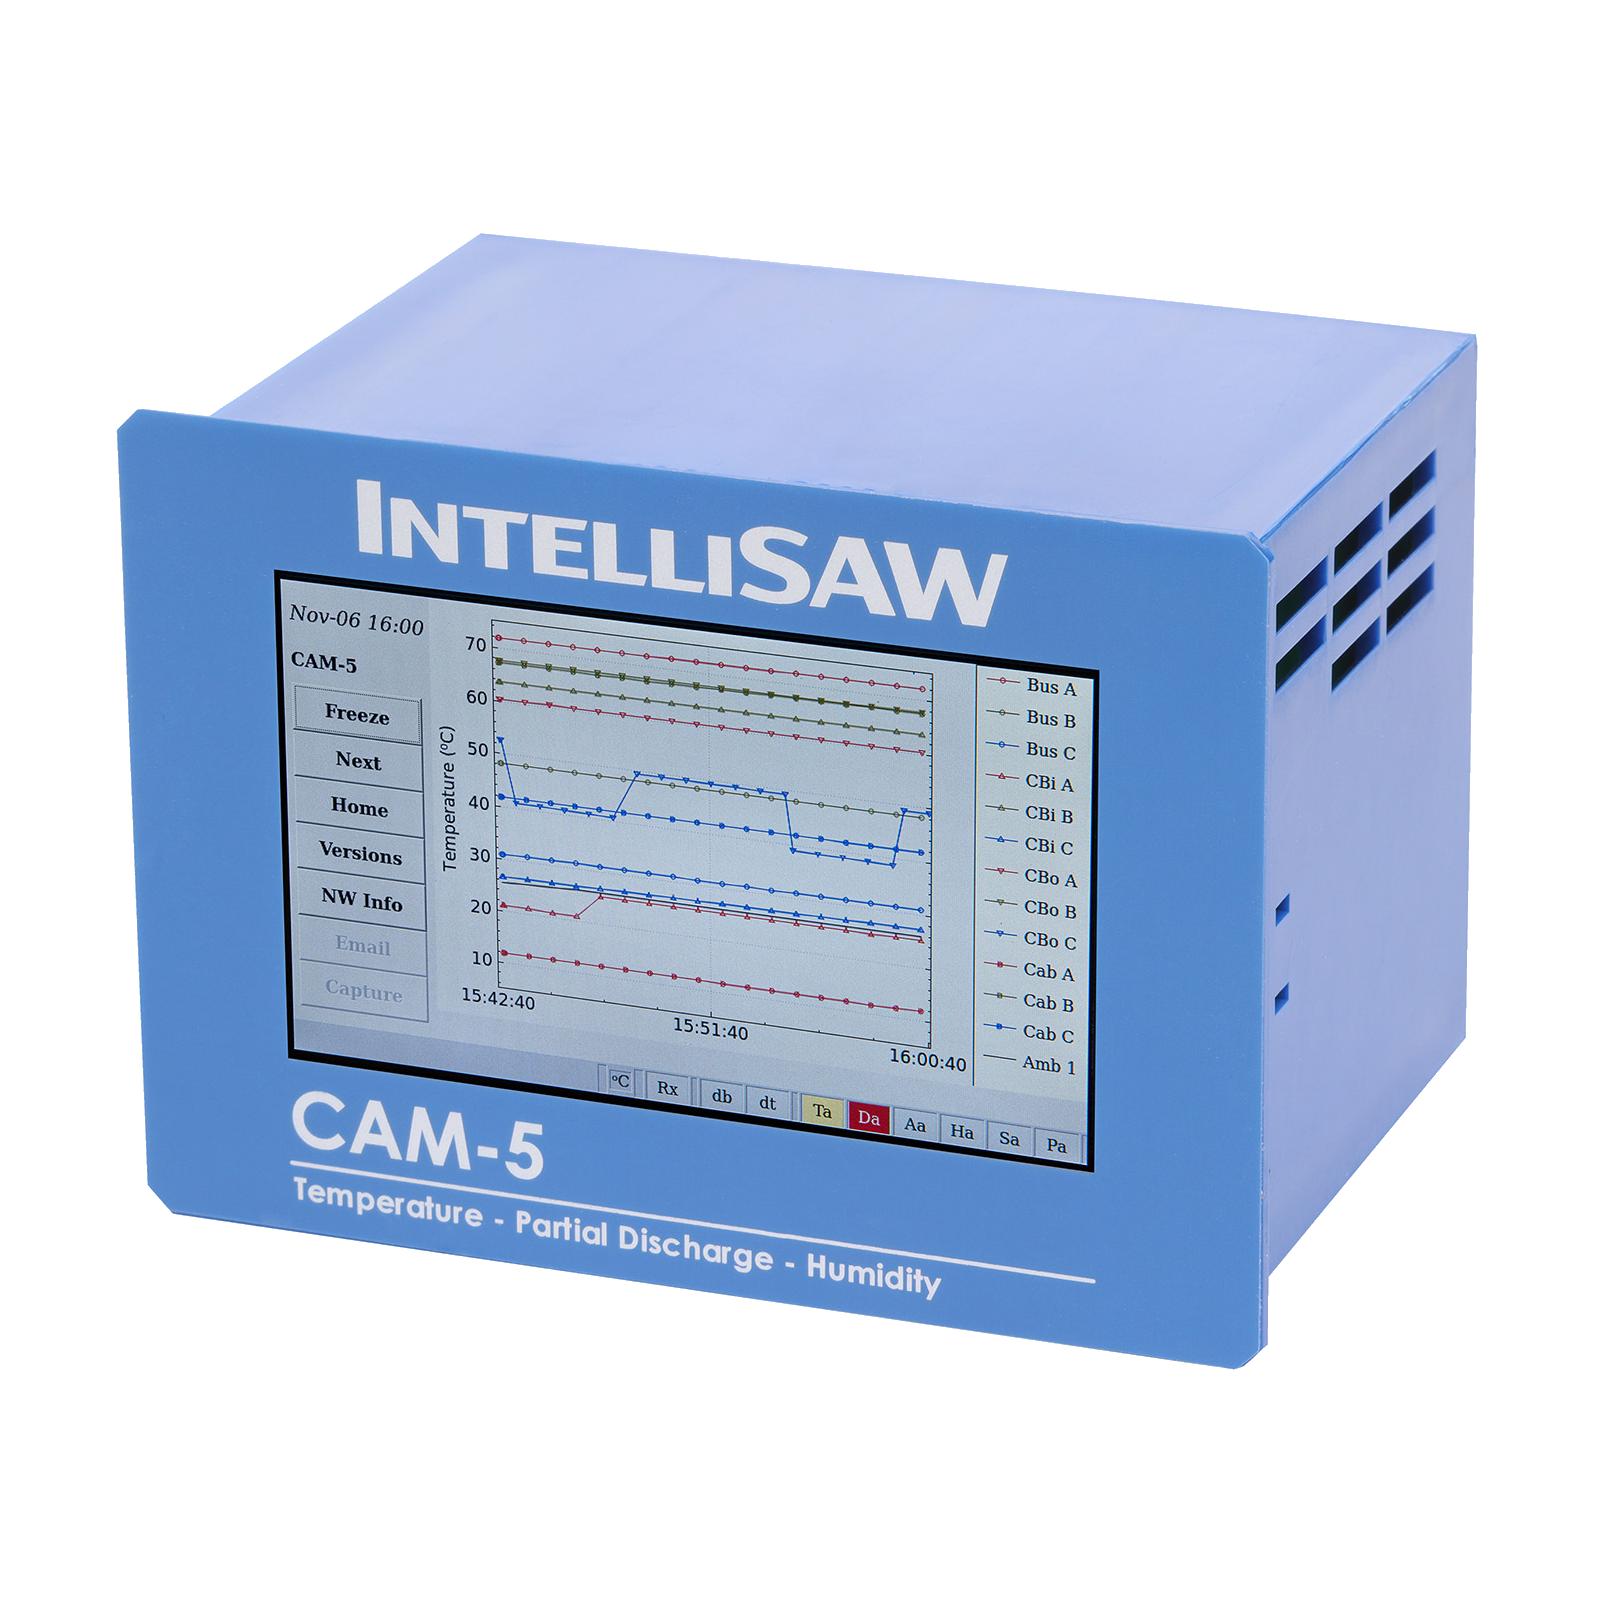 CAM-5 HMI|Critical asset monitoring